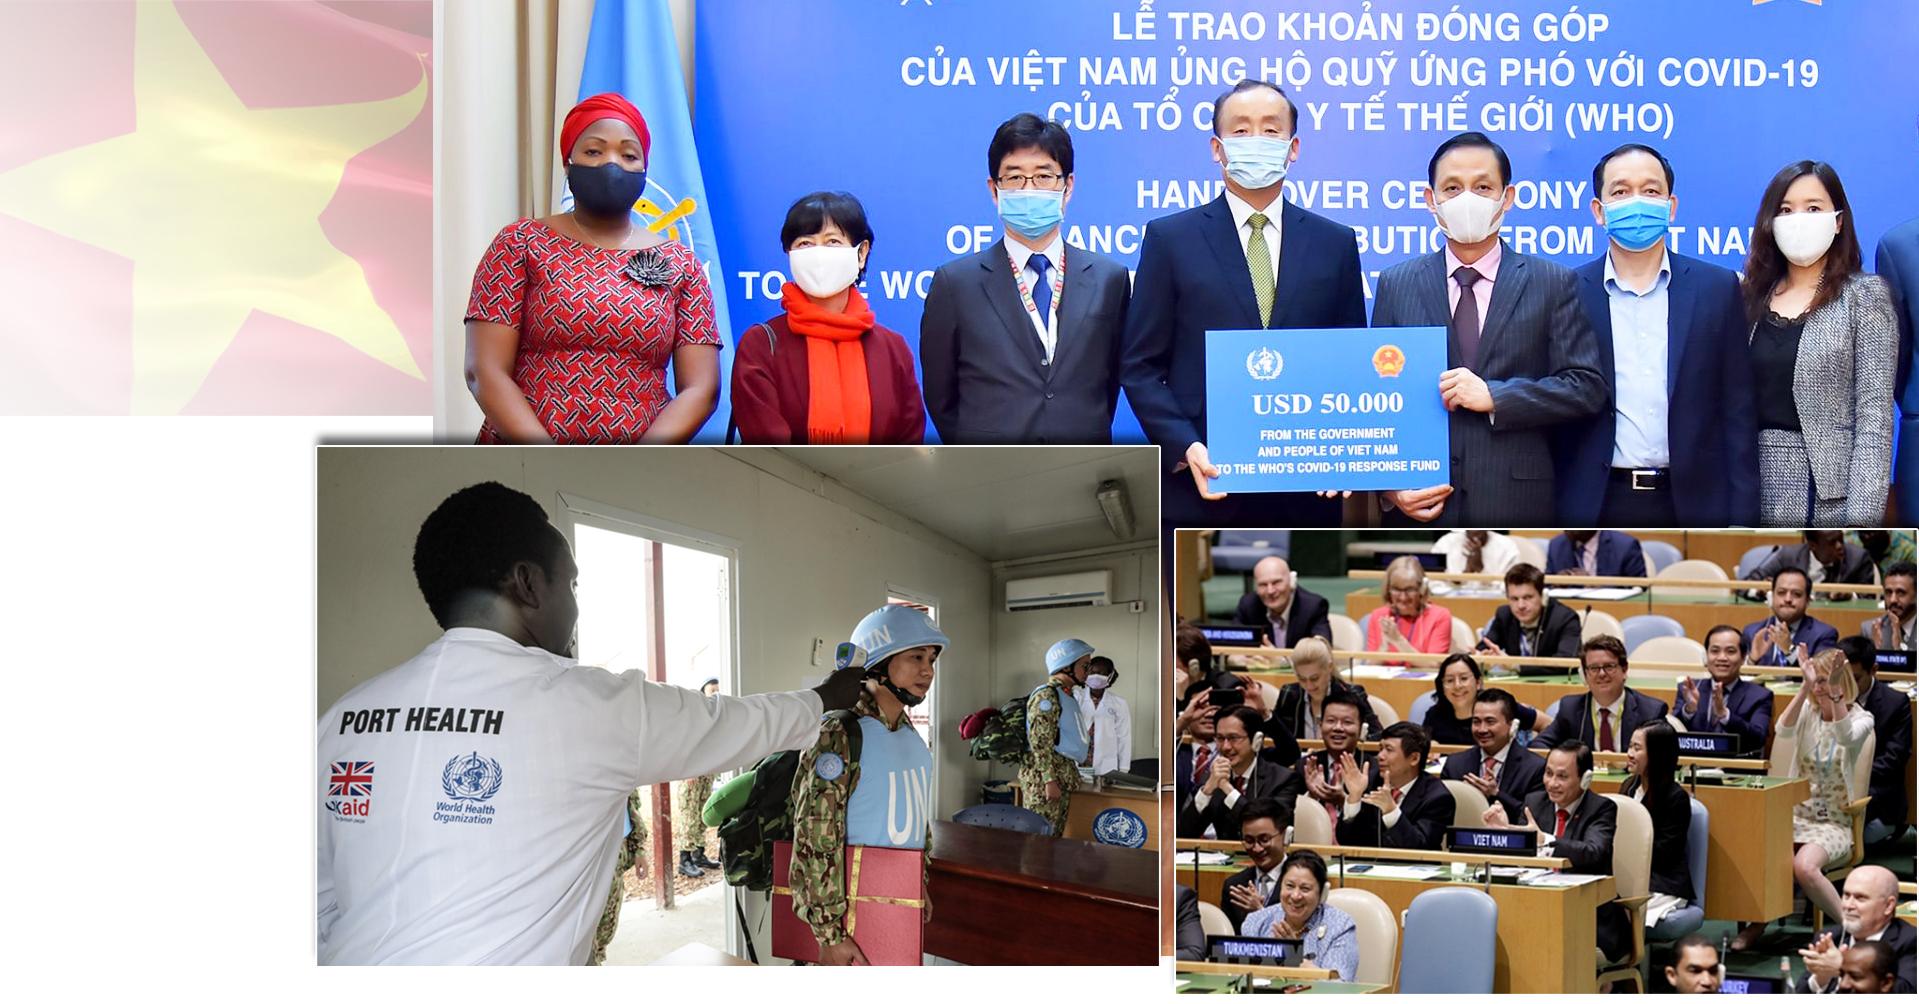 75 năm xây dựng Liên hợp quốc vì hòa bình, hợp tác và phát triển -0